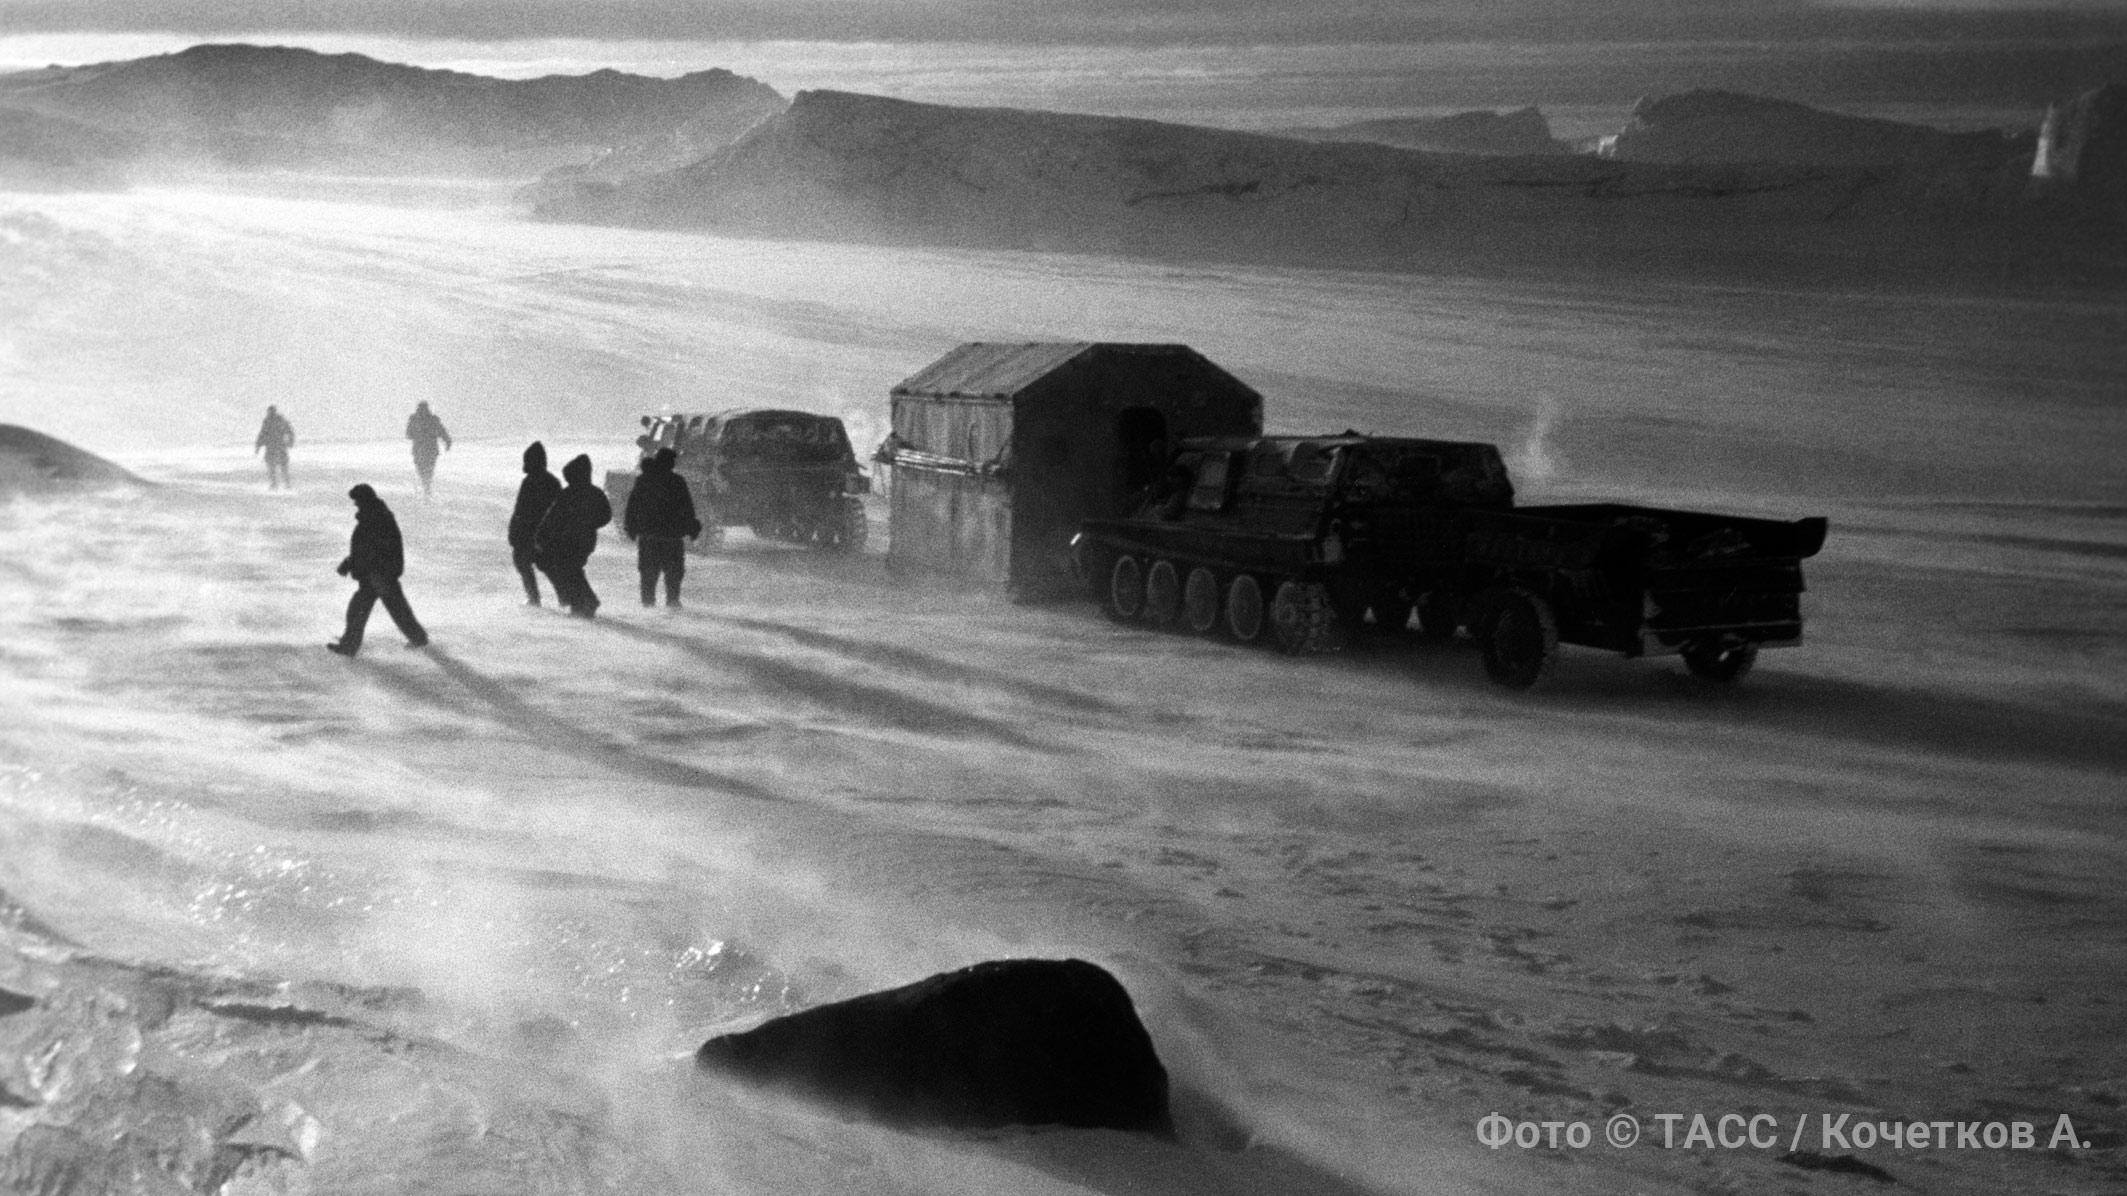 Первый форпост в Антарктиде: как русские покорили ледяной континент и опередили американцев на 3 дня